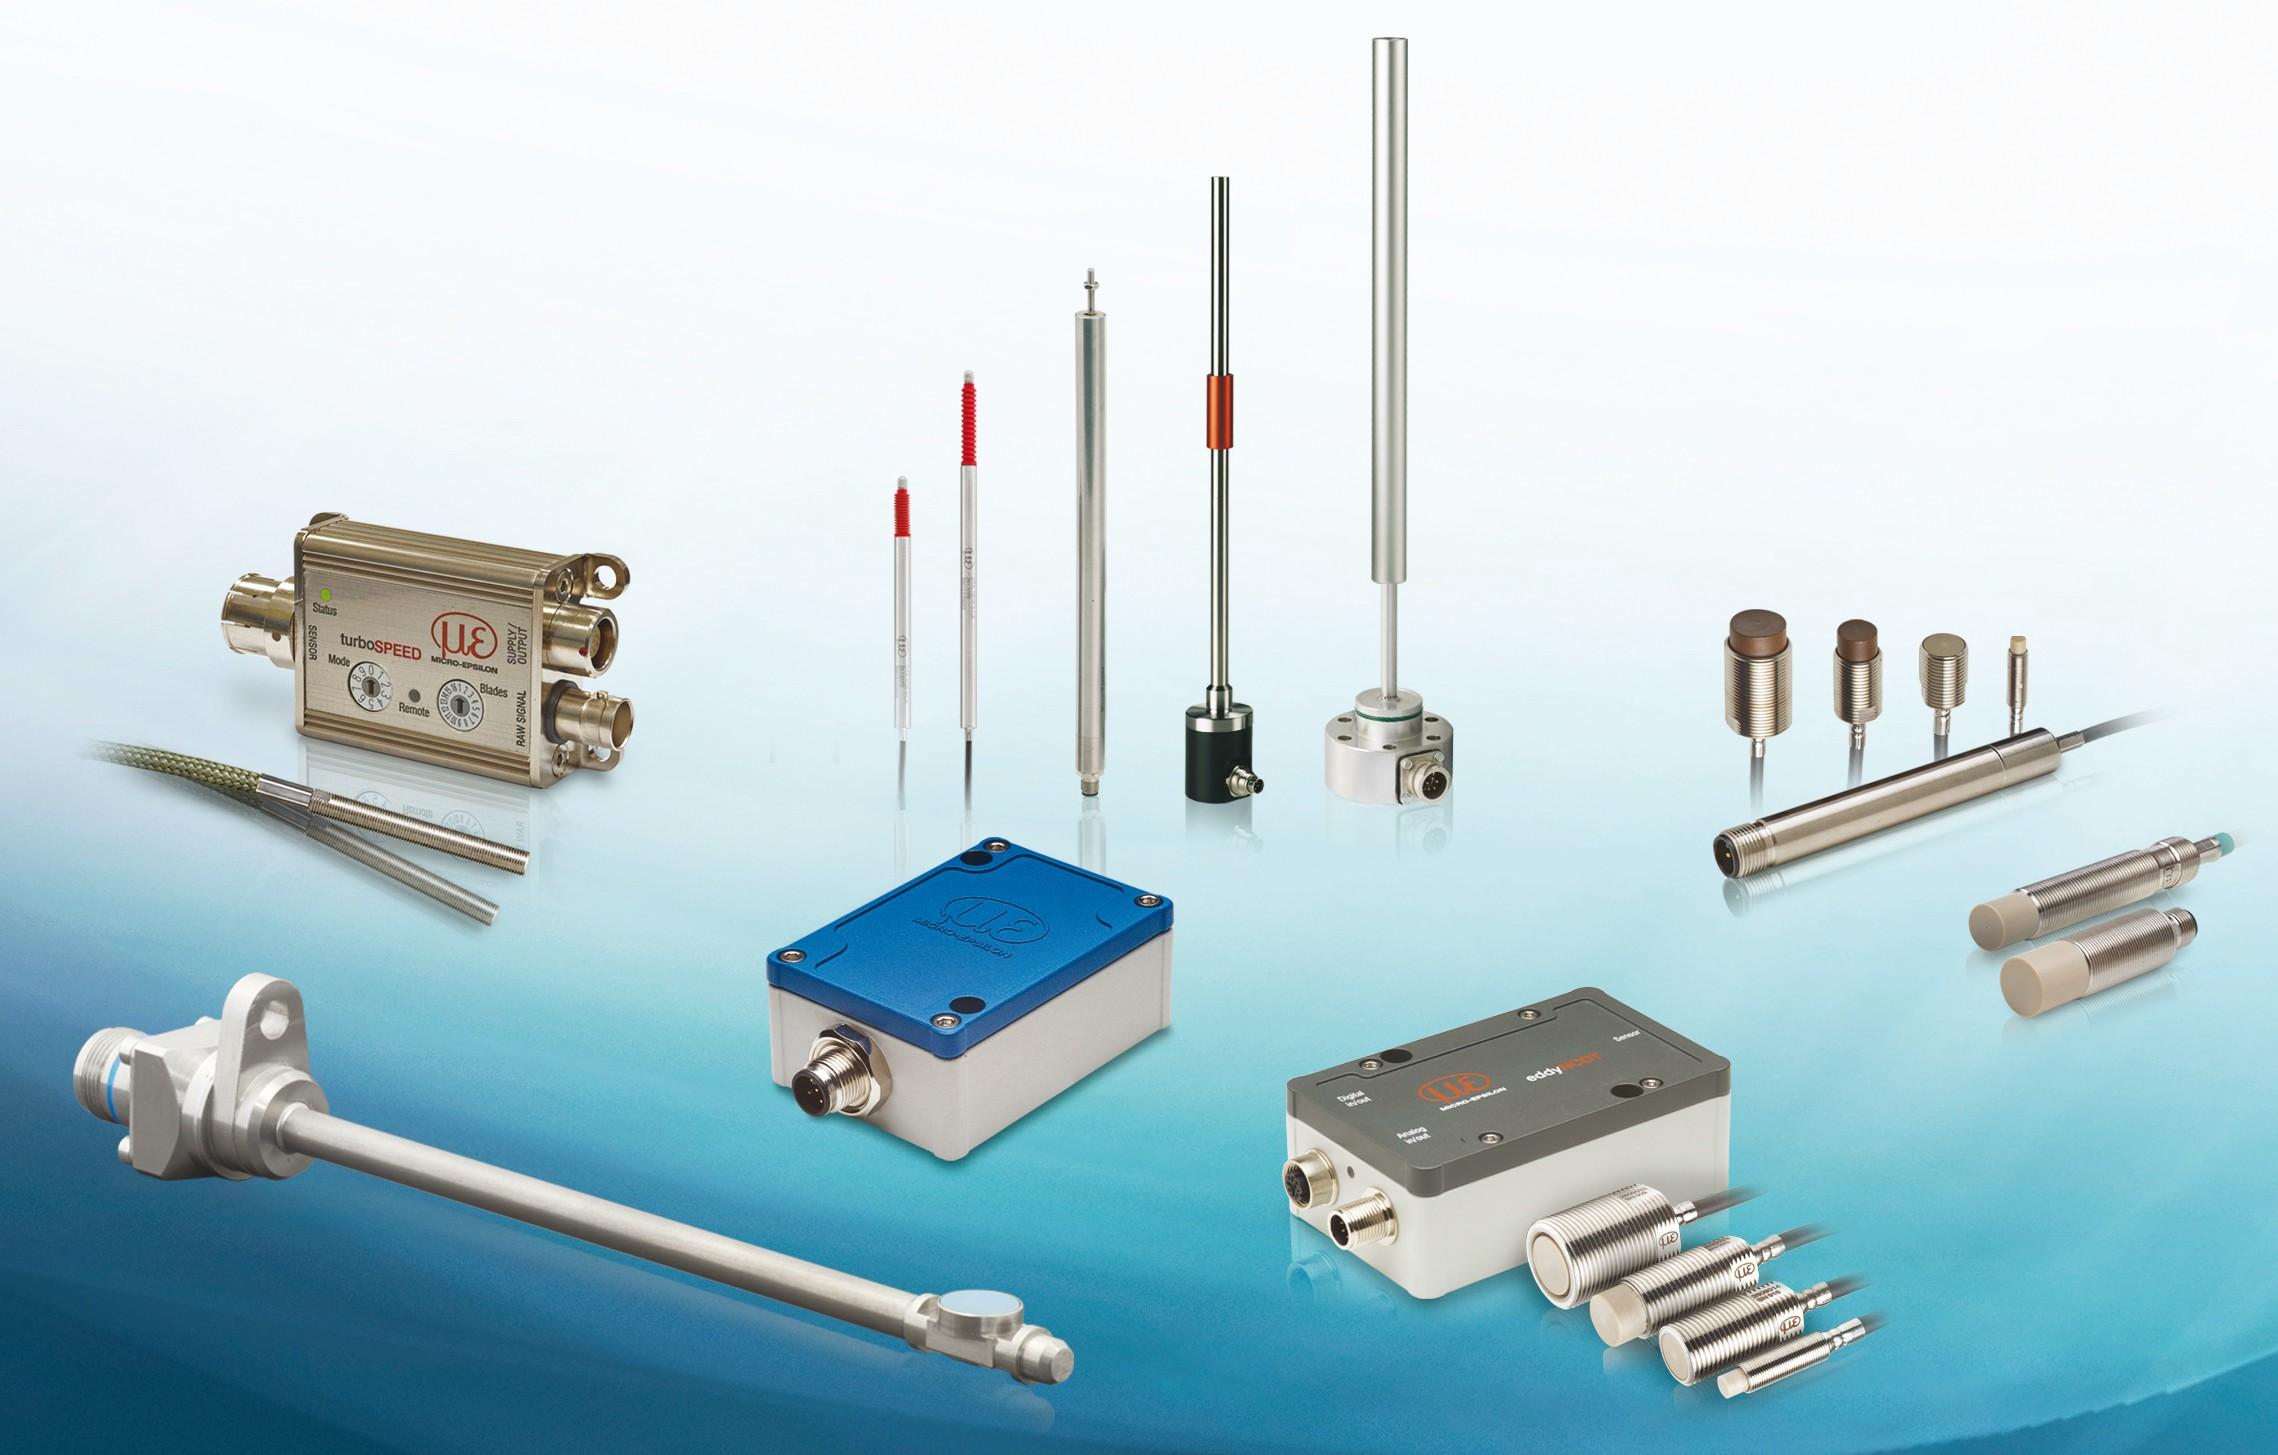 Bild 8: Micro-Epsilon bietet ein breites Spektrum an induktiven Sensoren zur Weg-, Abstands- und Positionsmessung. Bild: Micro-Epsilon